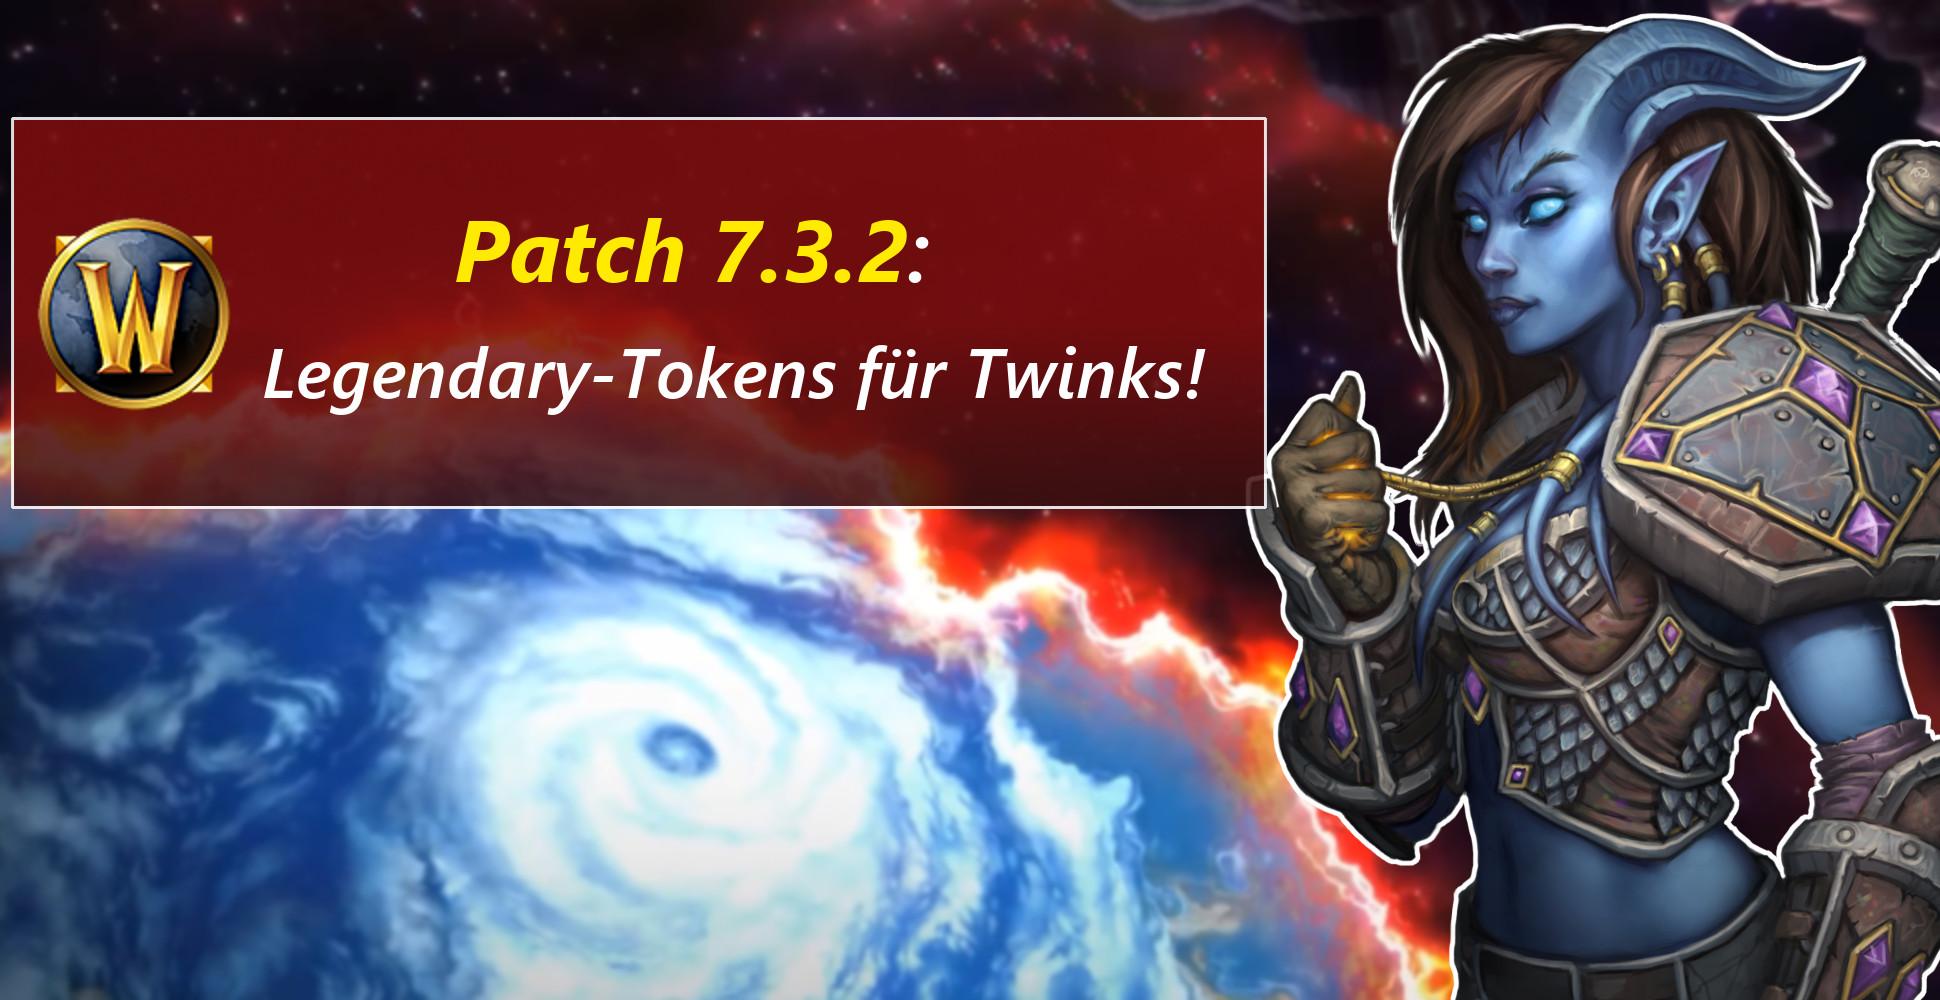 WoW: Patch 7.3.2 bringt Legendary-Tokens für Twinks